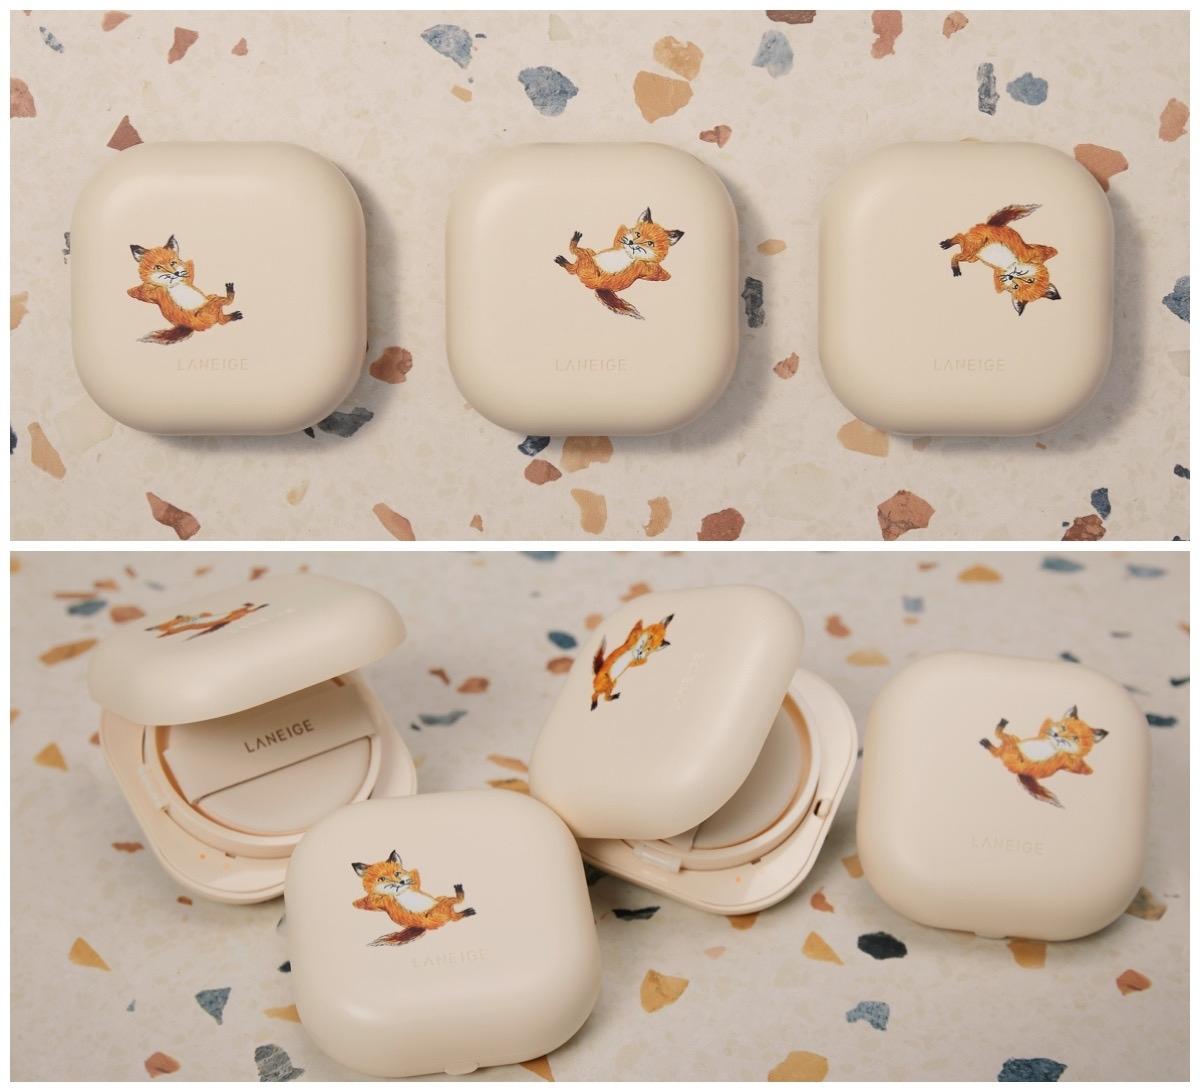 超可愛日法混血Maison Kitsuné小狐貍到蘭芝小方塊氣墊作客囉!還有超可愛限量化妝包、托特包手幾支架,超強聯名波絕對爆擊少女心臟!